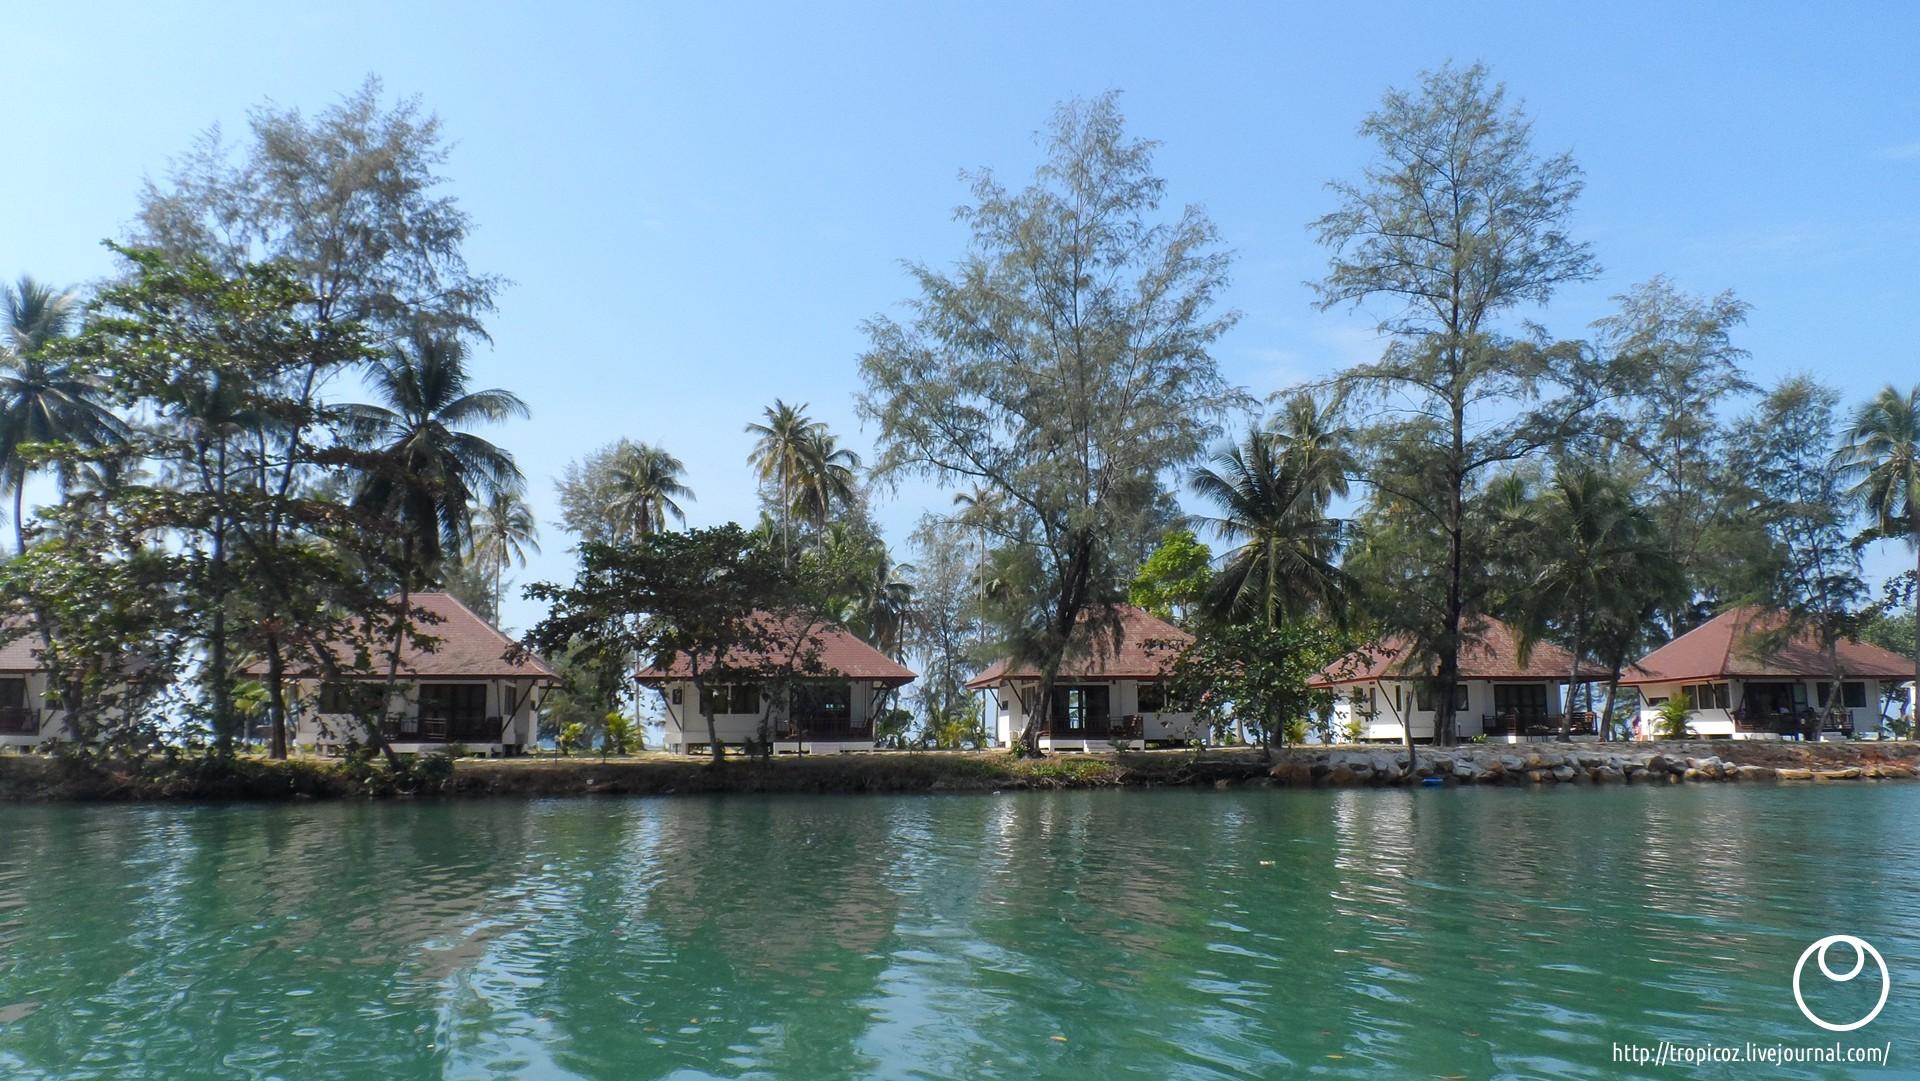 Острова зелёных черепашек * ТропикоZ - 00029